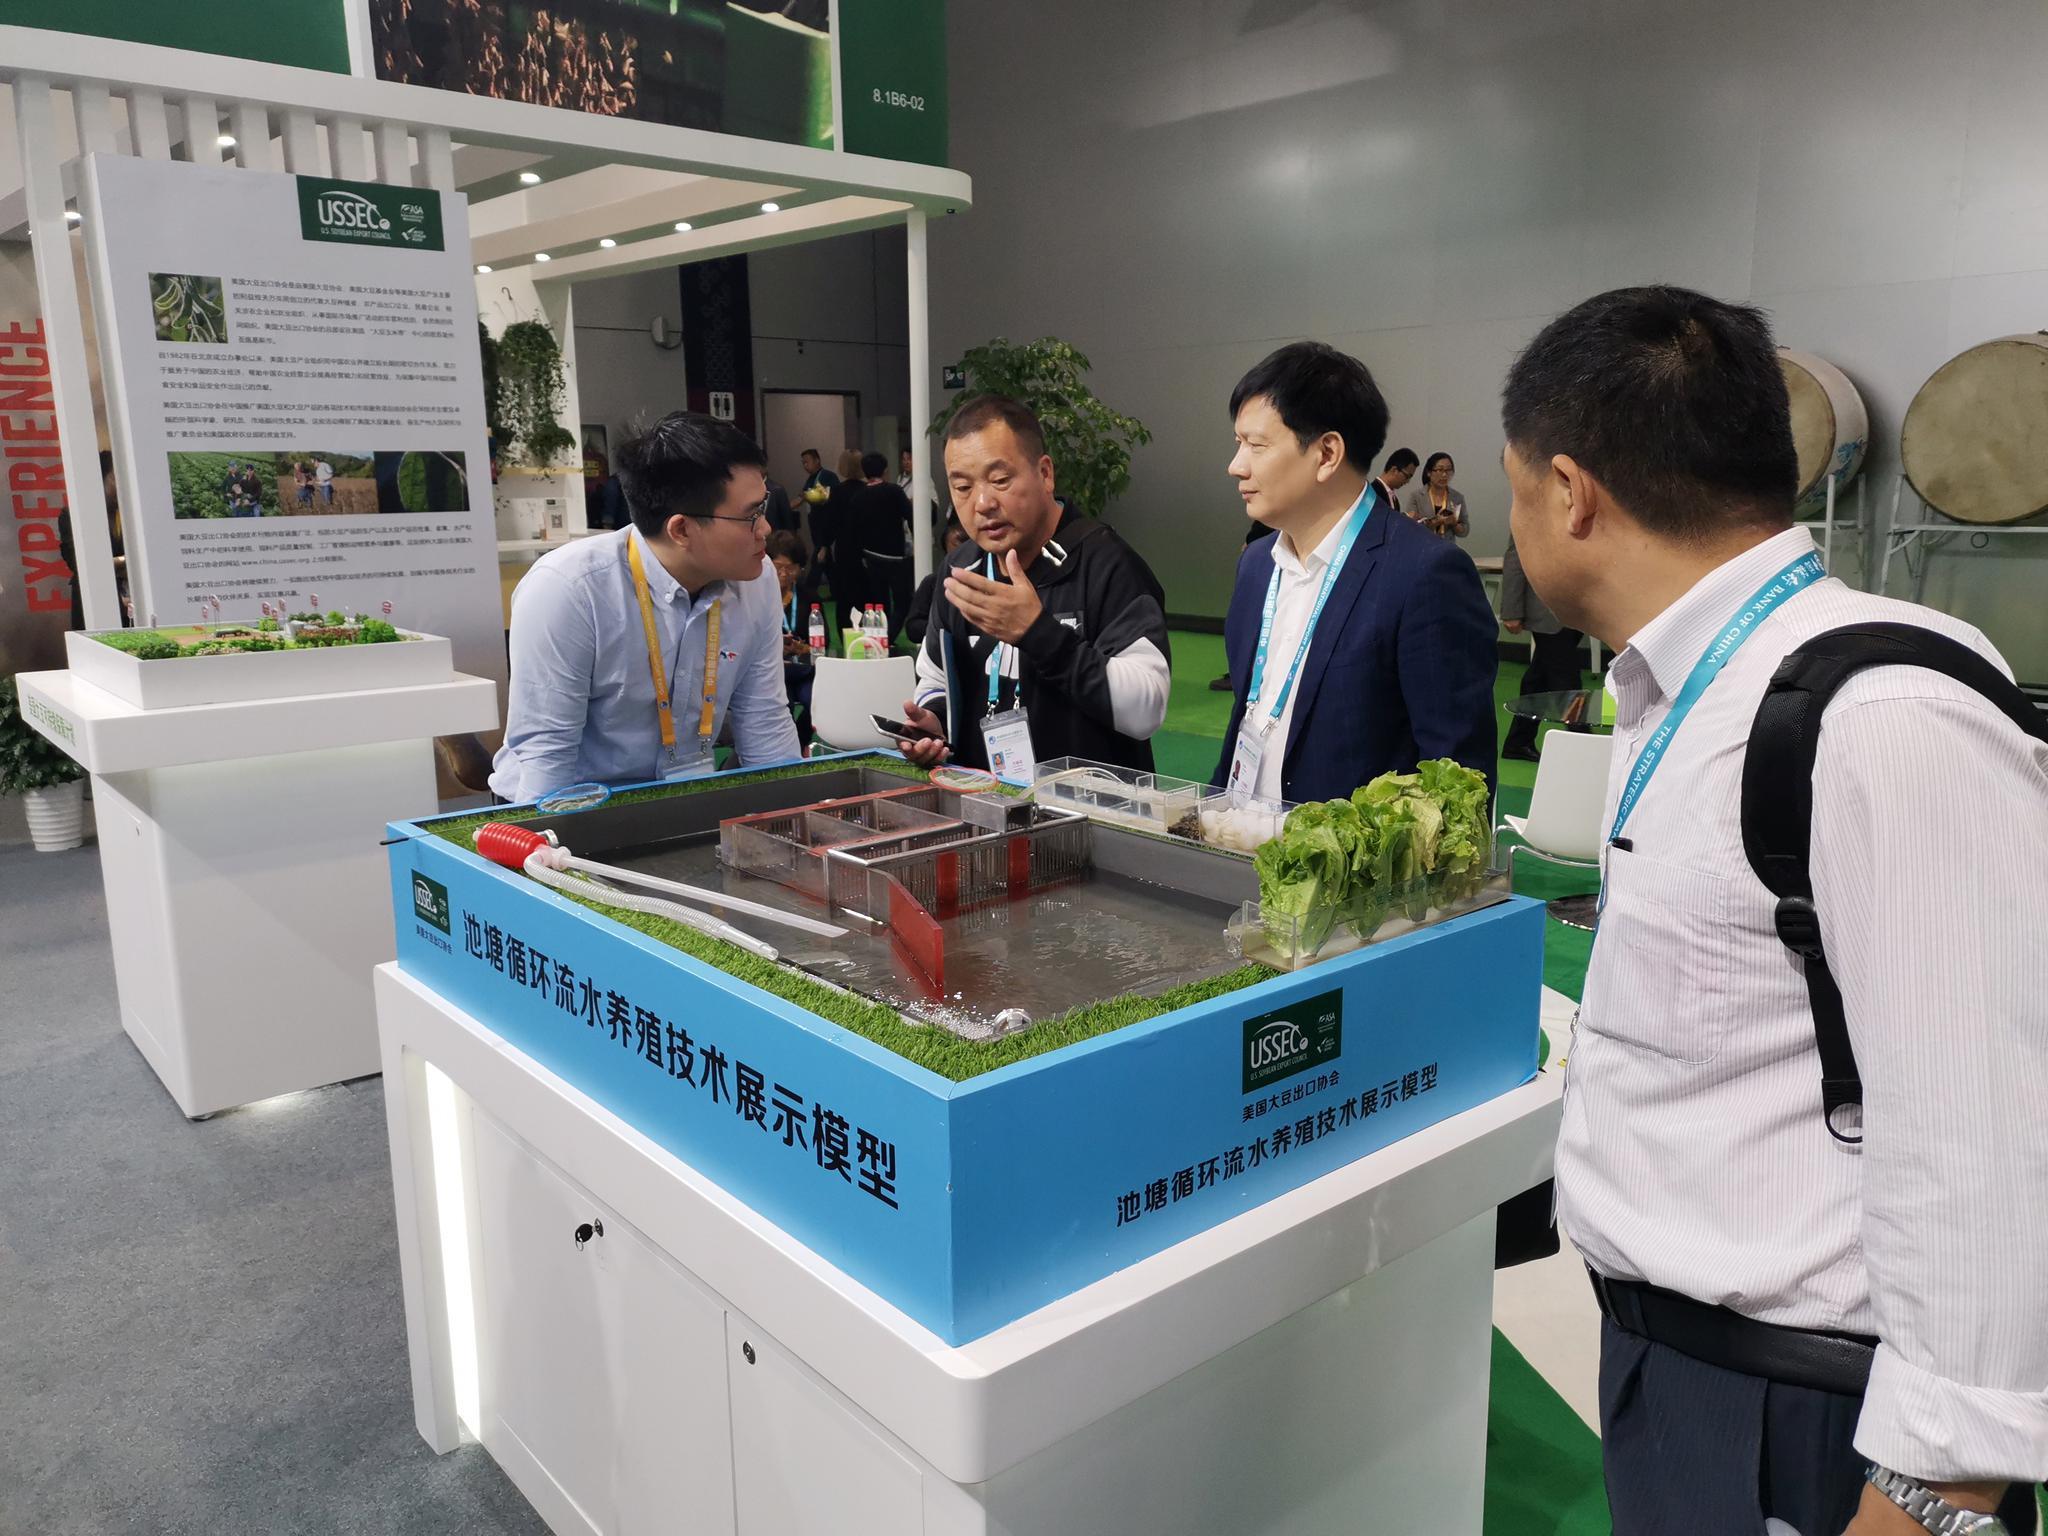 """下载app送18~88彩金-从化""""一揽子""""供电服务为5G建设提速,助力乡村振兴发展"""